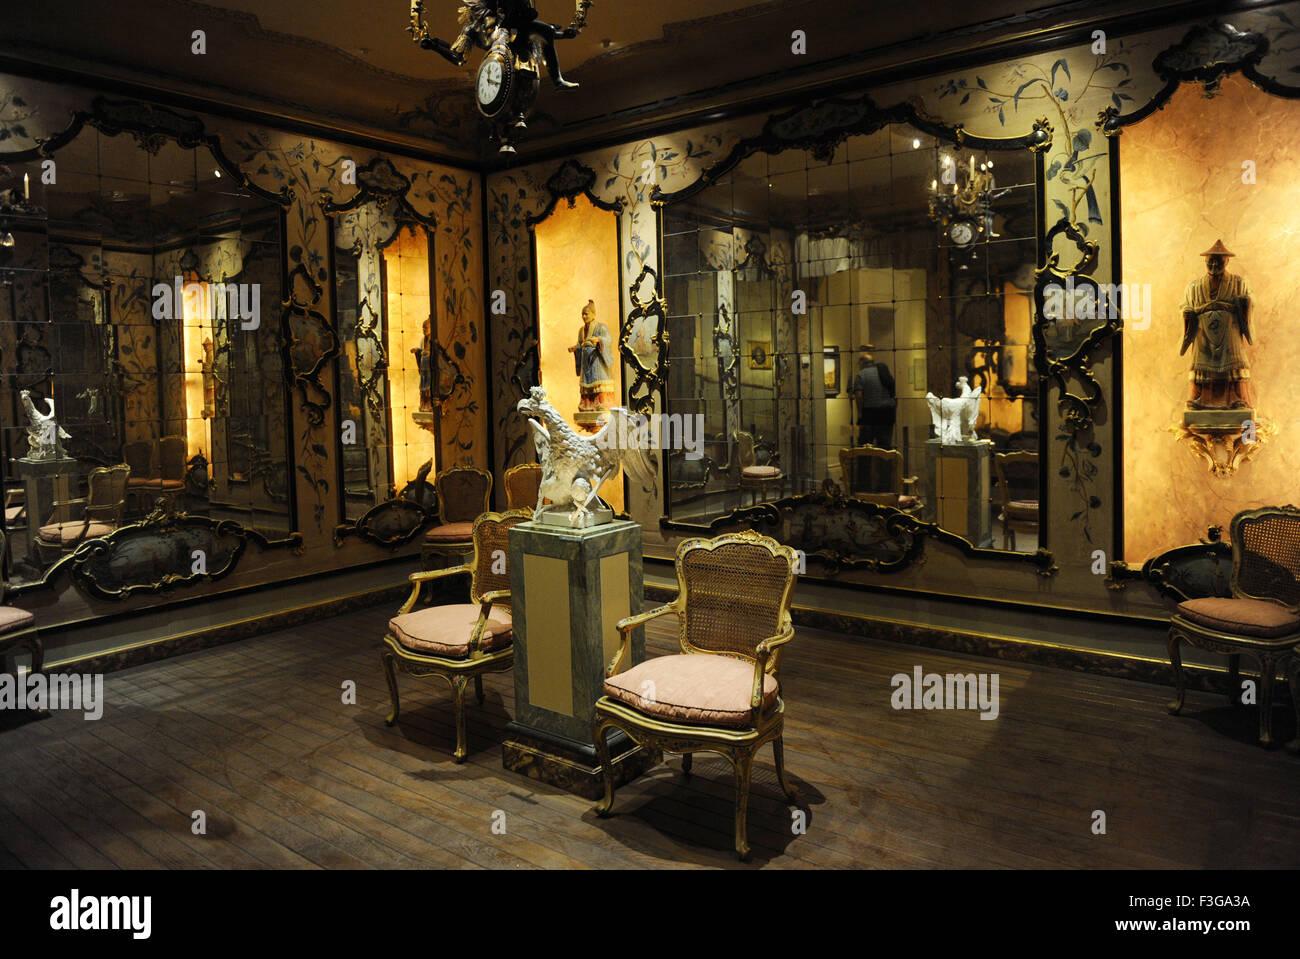 Museo di Israele. Interno. Xviii secolo sala veneziana. Decorazioni e arredi. Gerusalemme. Foto Stock